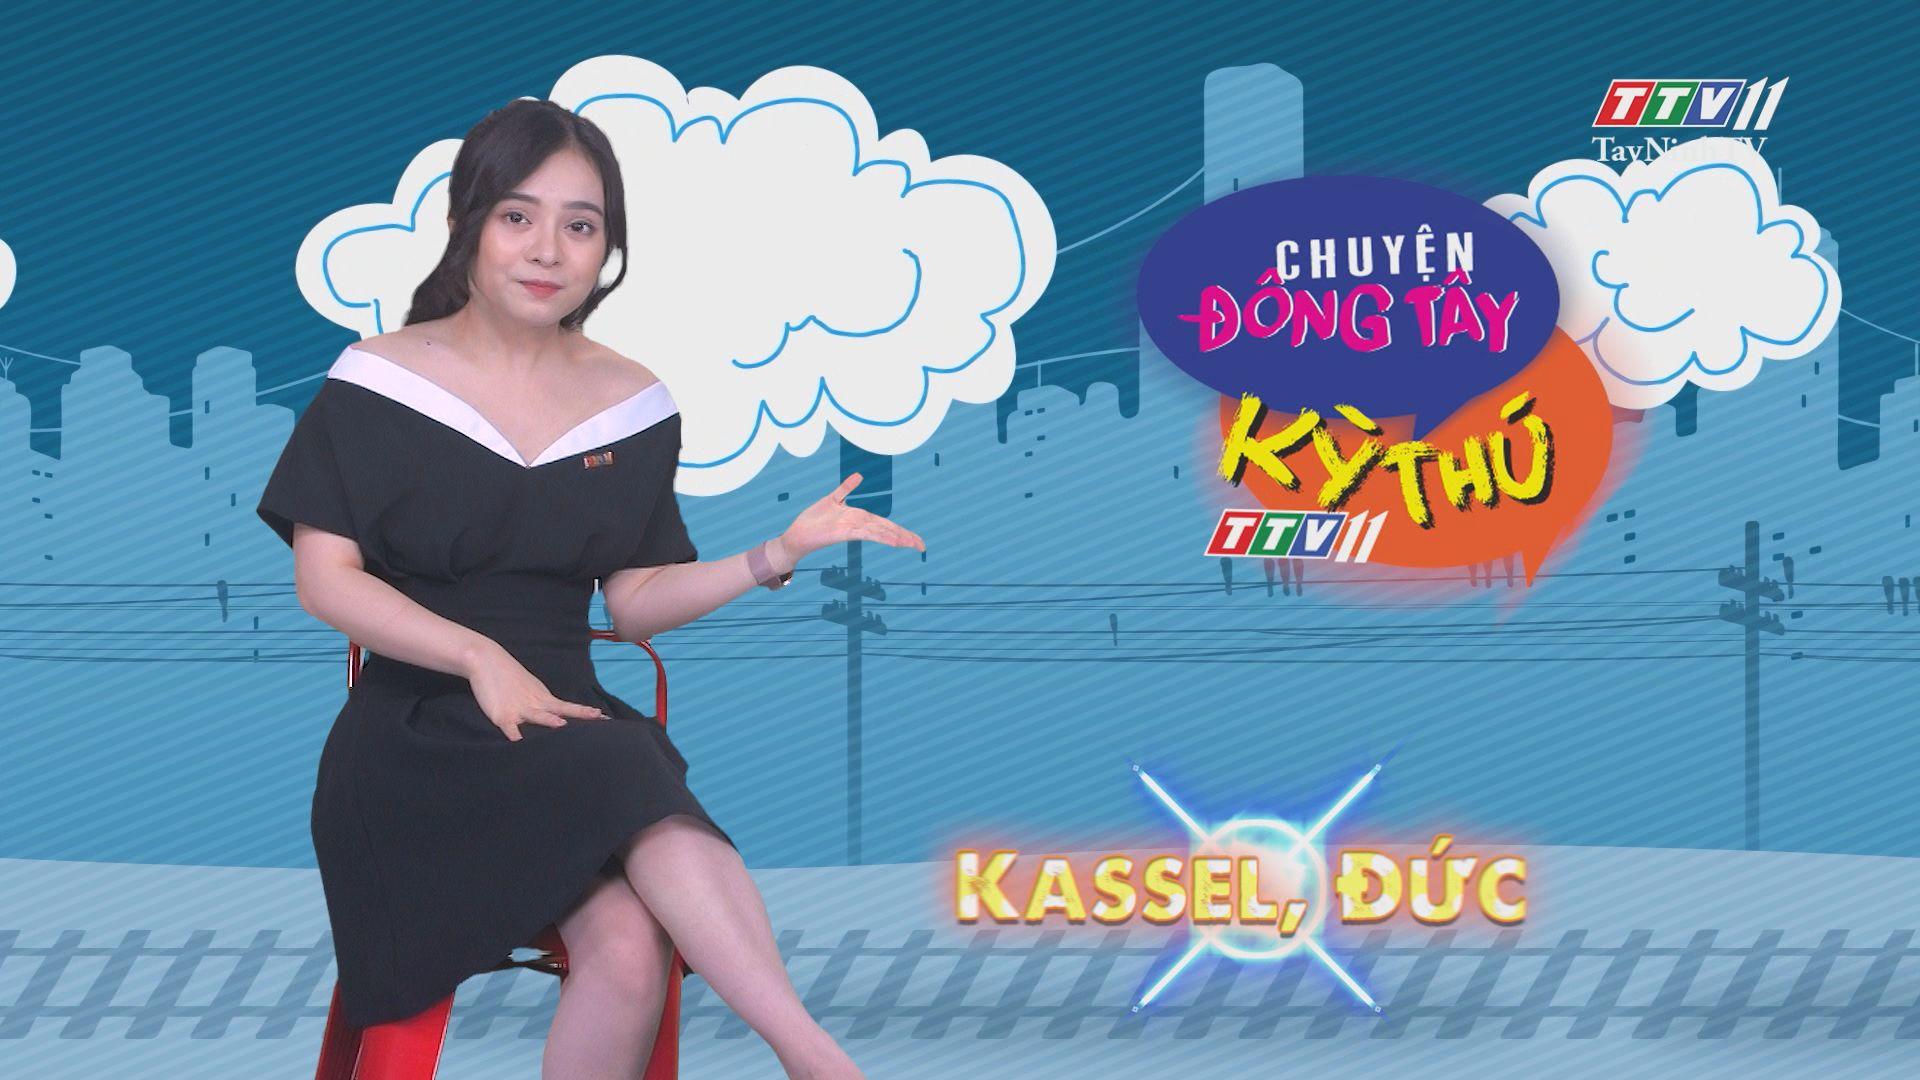 Chuyện Đông Tây Kỳ Thú 22-5-2020 | TayNinhTV